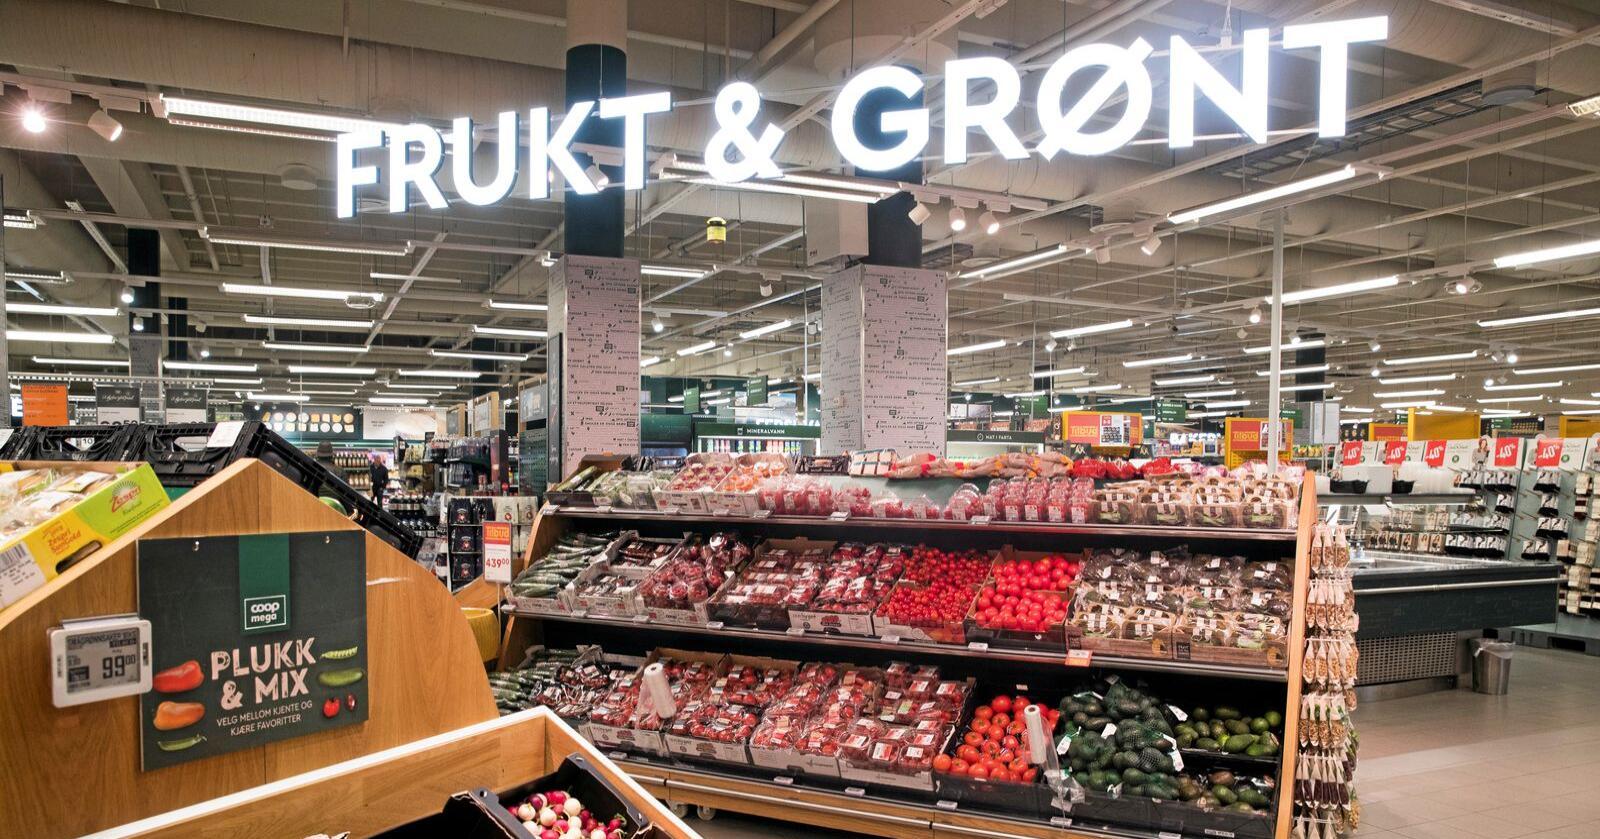 Makt: Daglegvarekjedene sin kontroll i frukt og grøntsektoren burde ha bekymra Konkurransetilsynet. Foto: Terje Pedersen / NTB